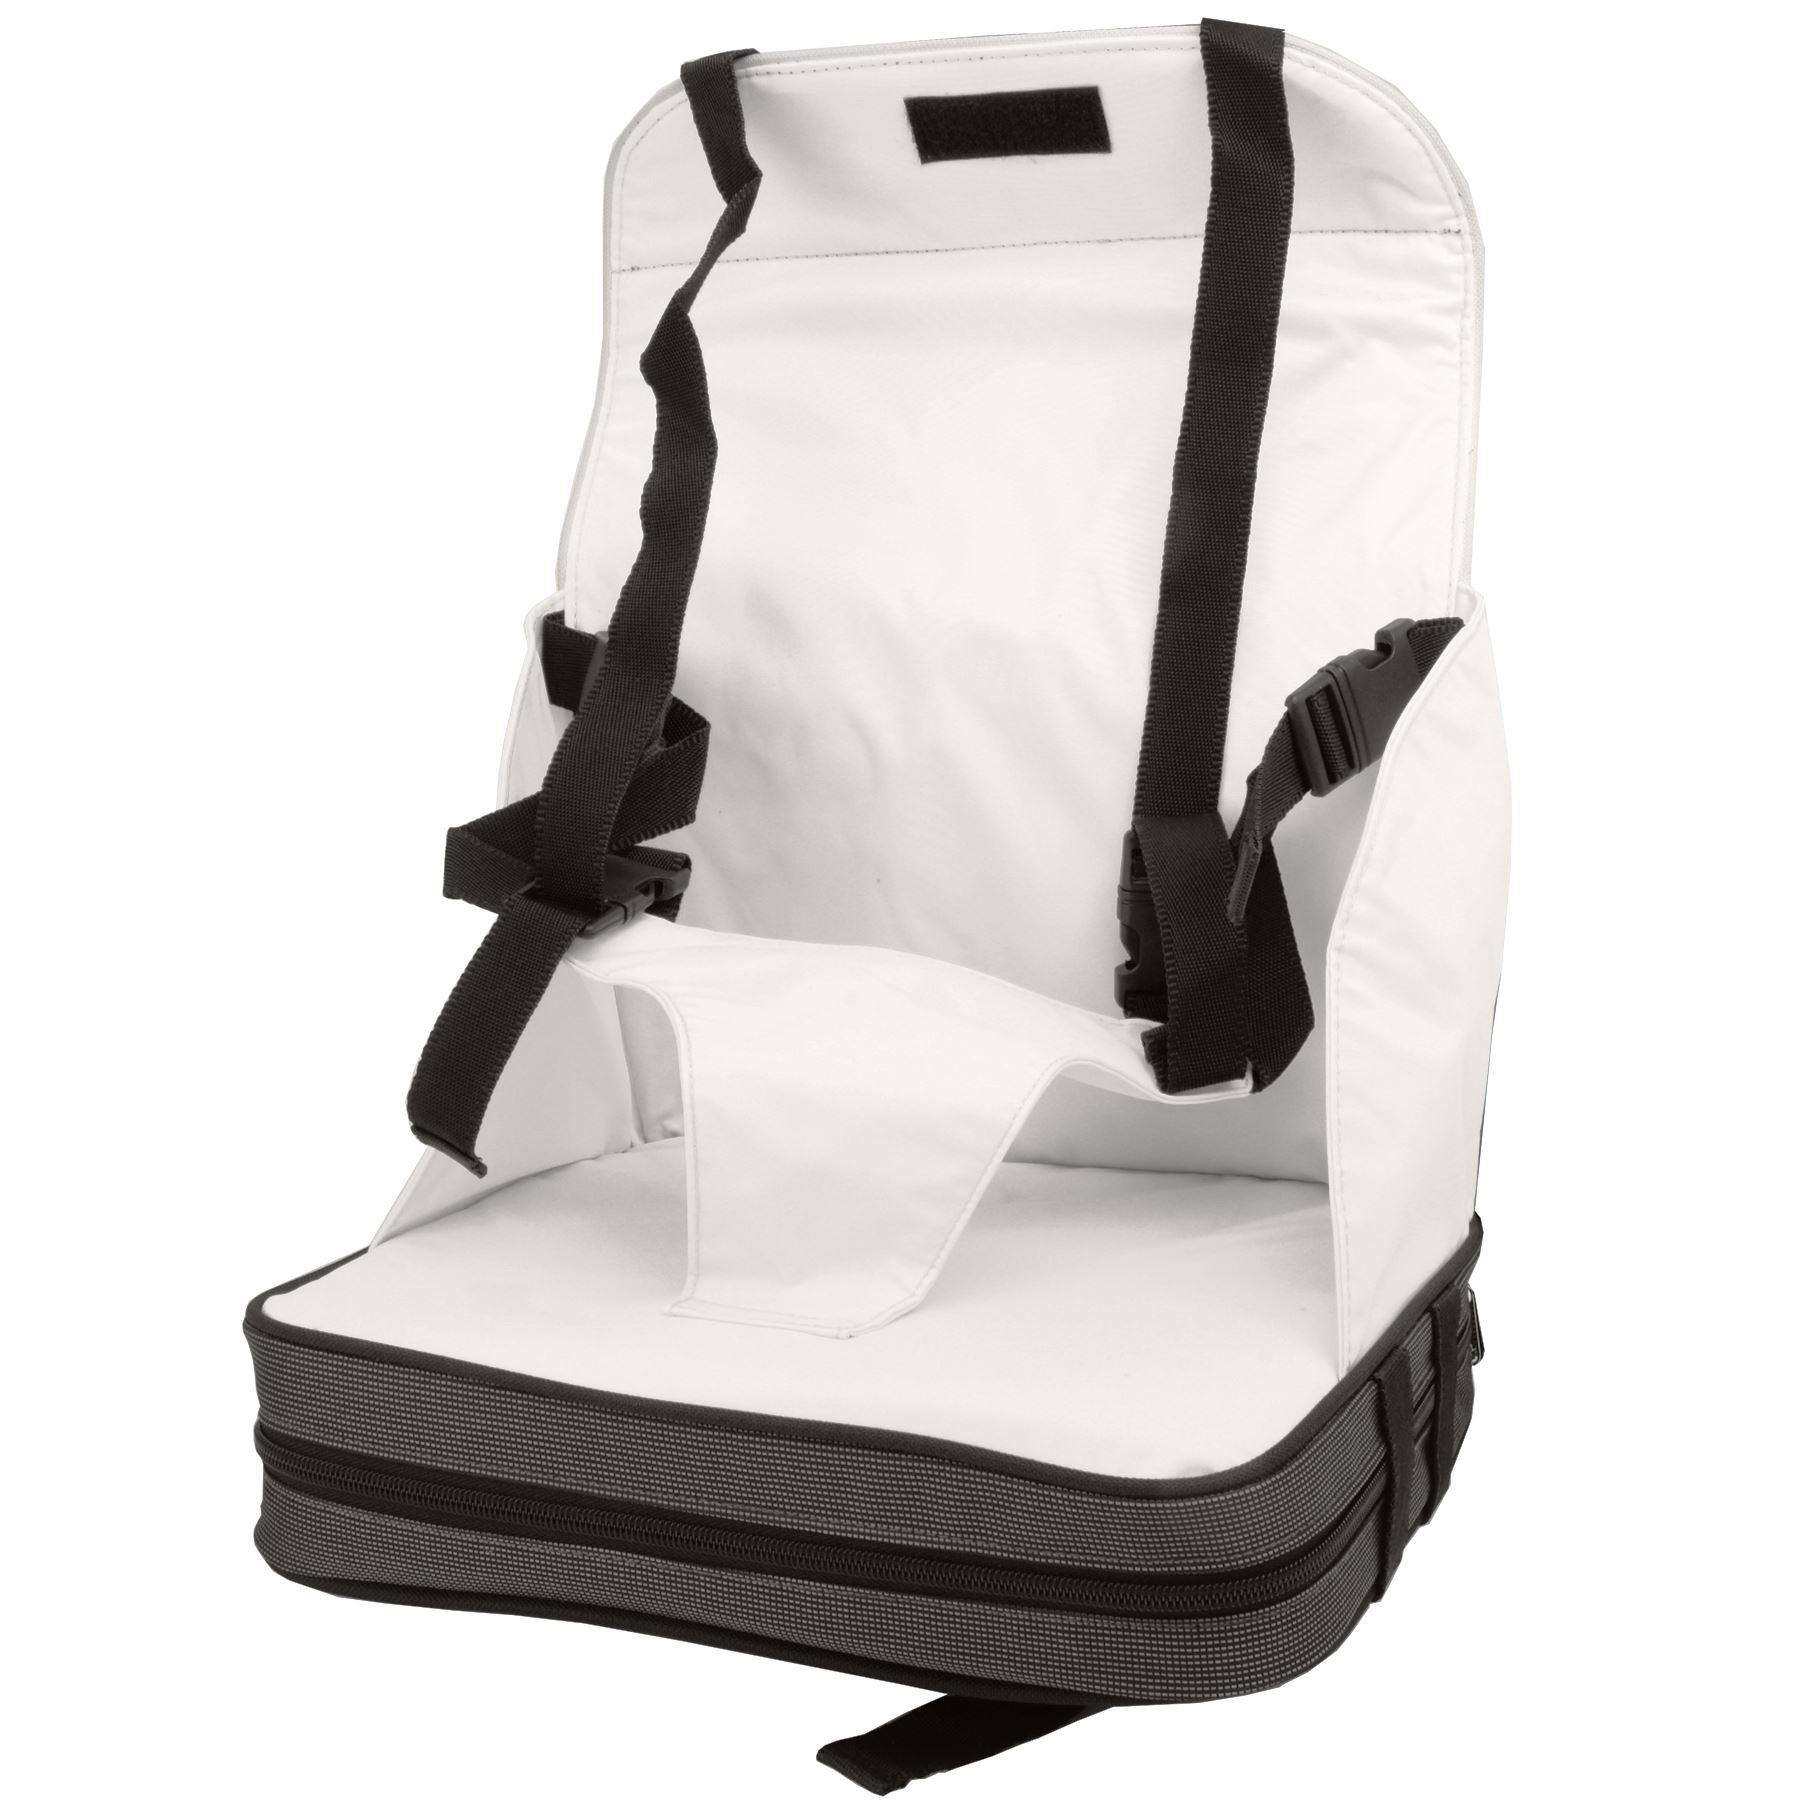 babyhugs portable pour b b pliable chaise salle manger sur le go booster seat ebay. Black Bedroom Furniture Sets. Home Design Ideas